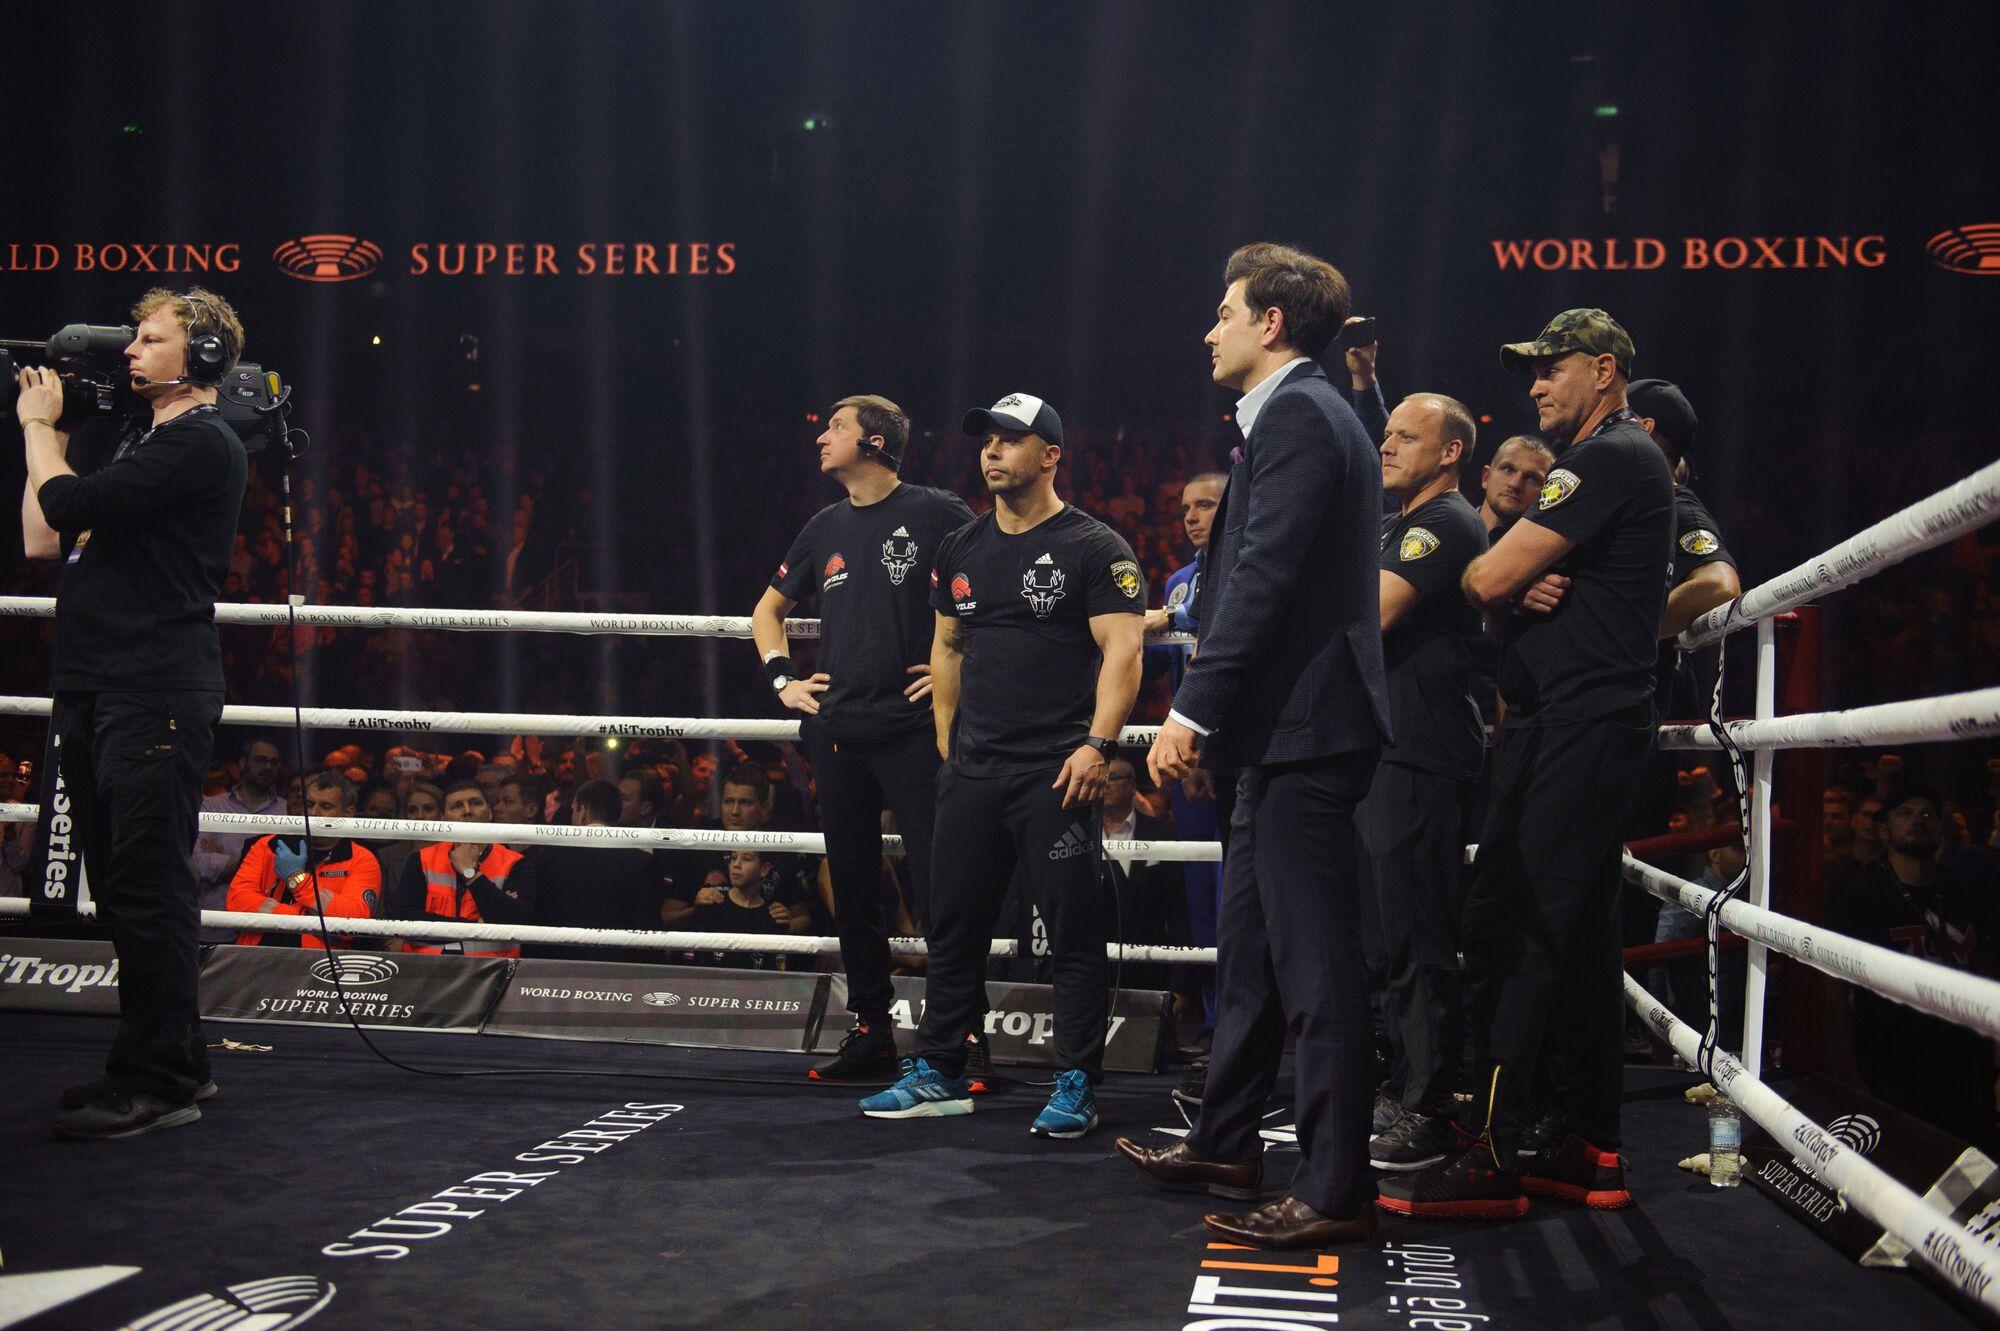 Усик переміг Брієдіса і вийшов у фінал WBSS